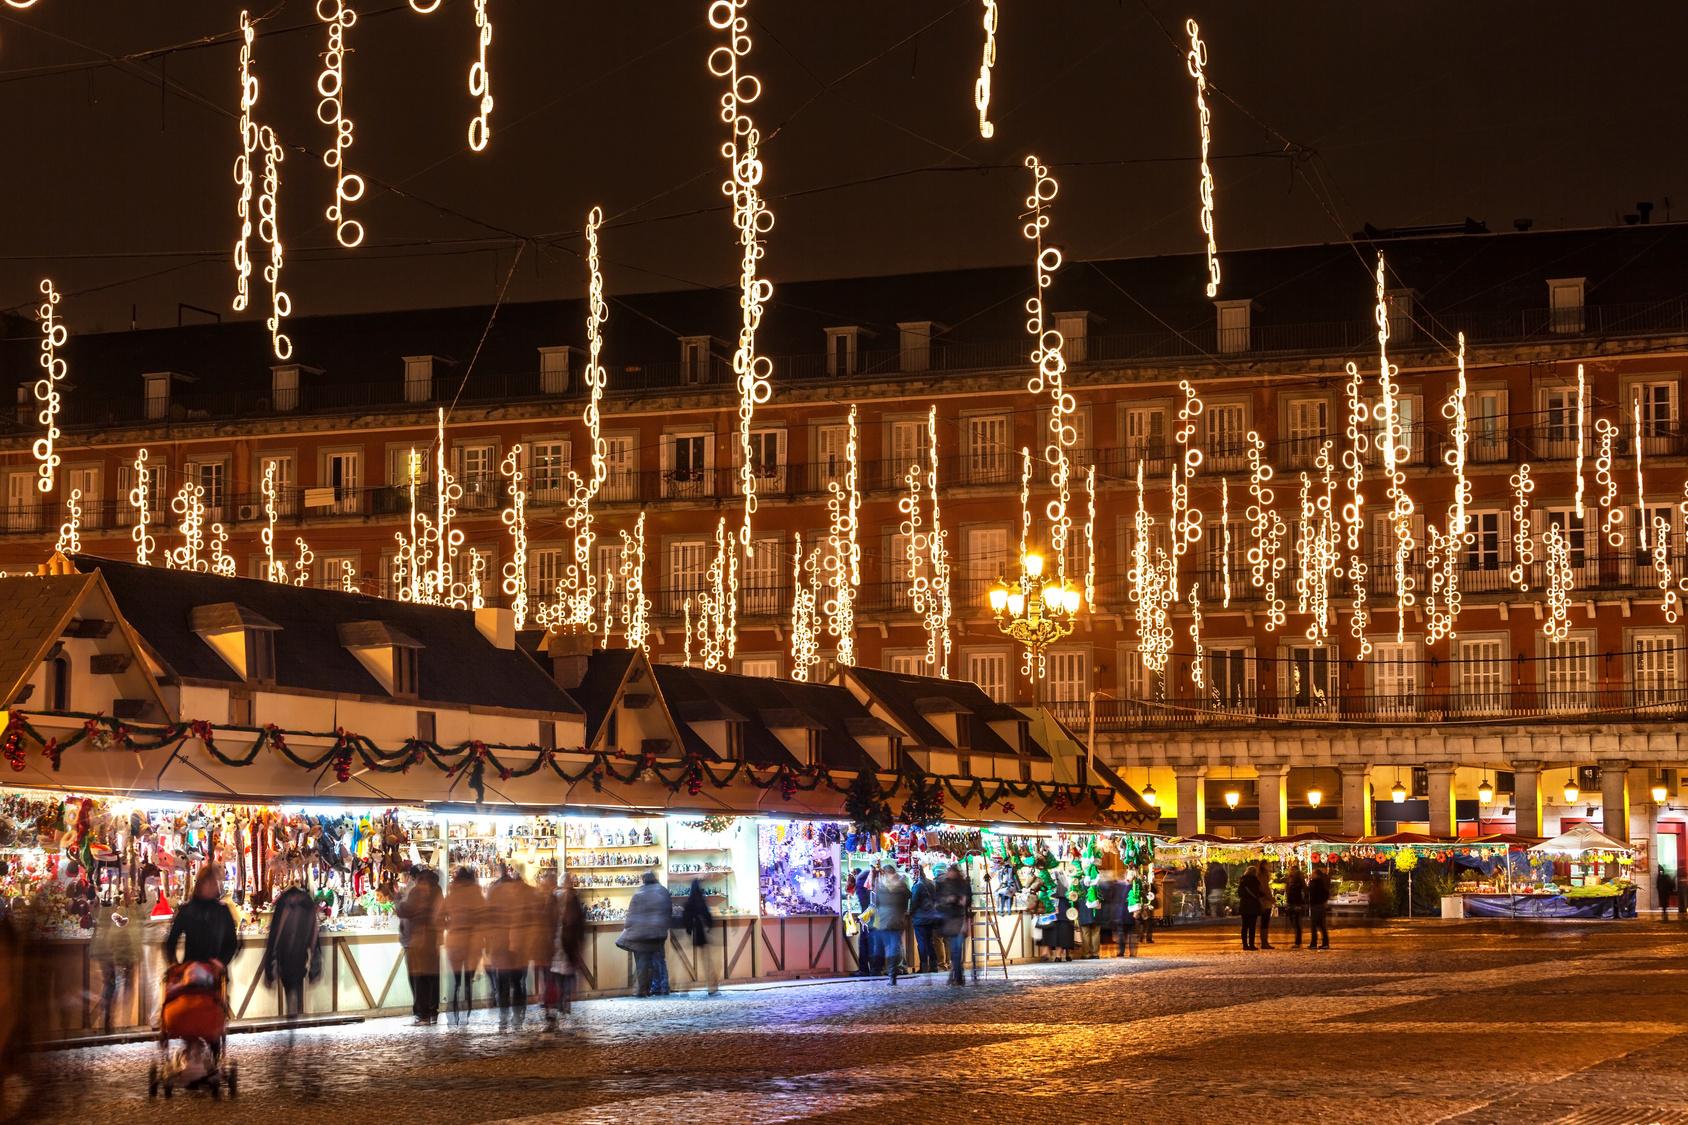 Plaza Mayor de Madrid. Ruta Costumbres y Tradiciones navideñas en Madrid